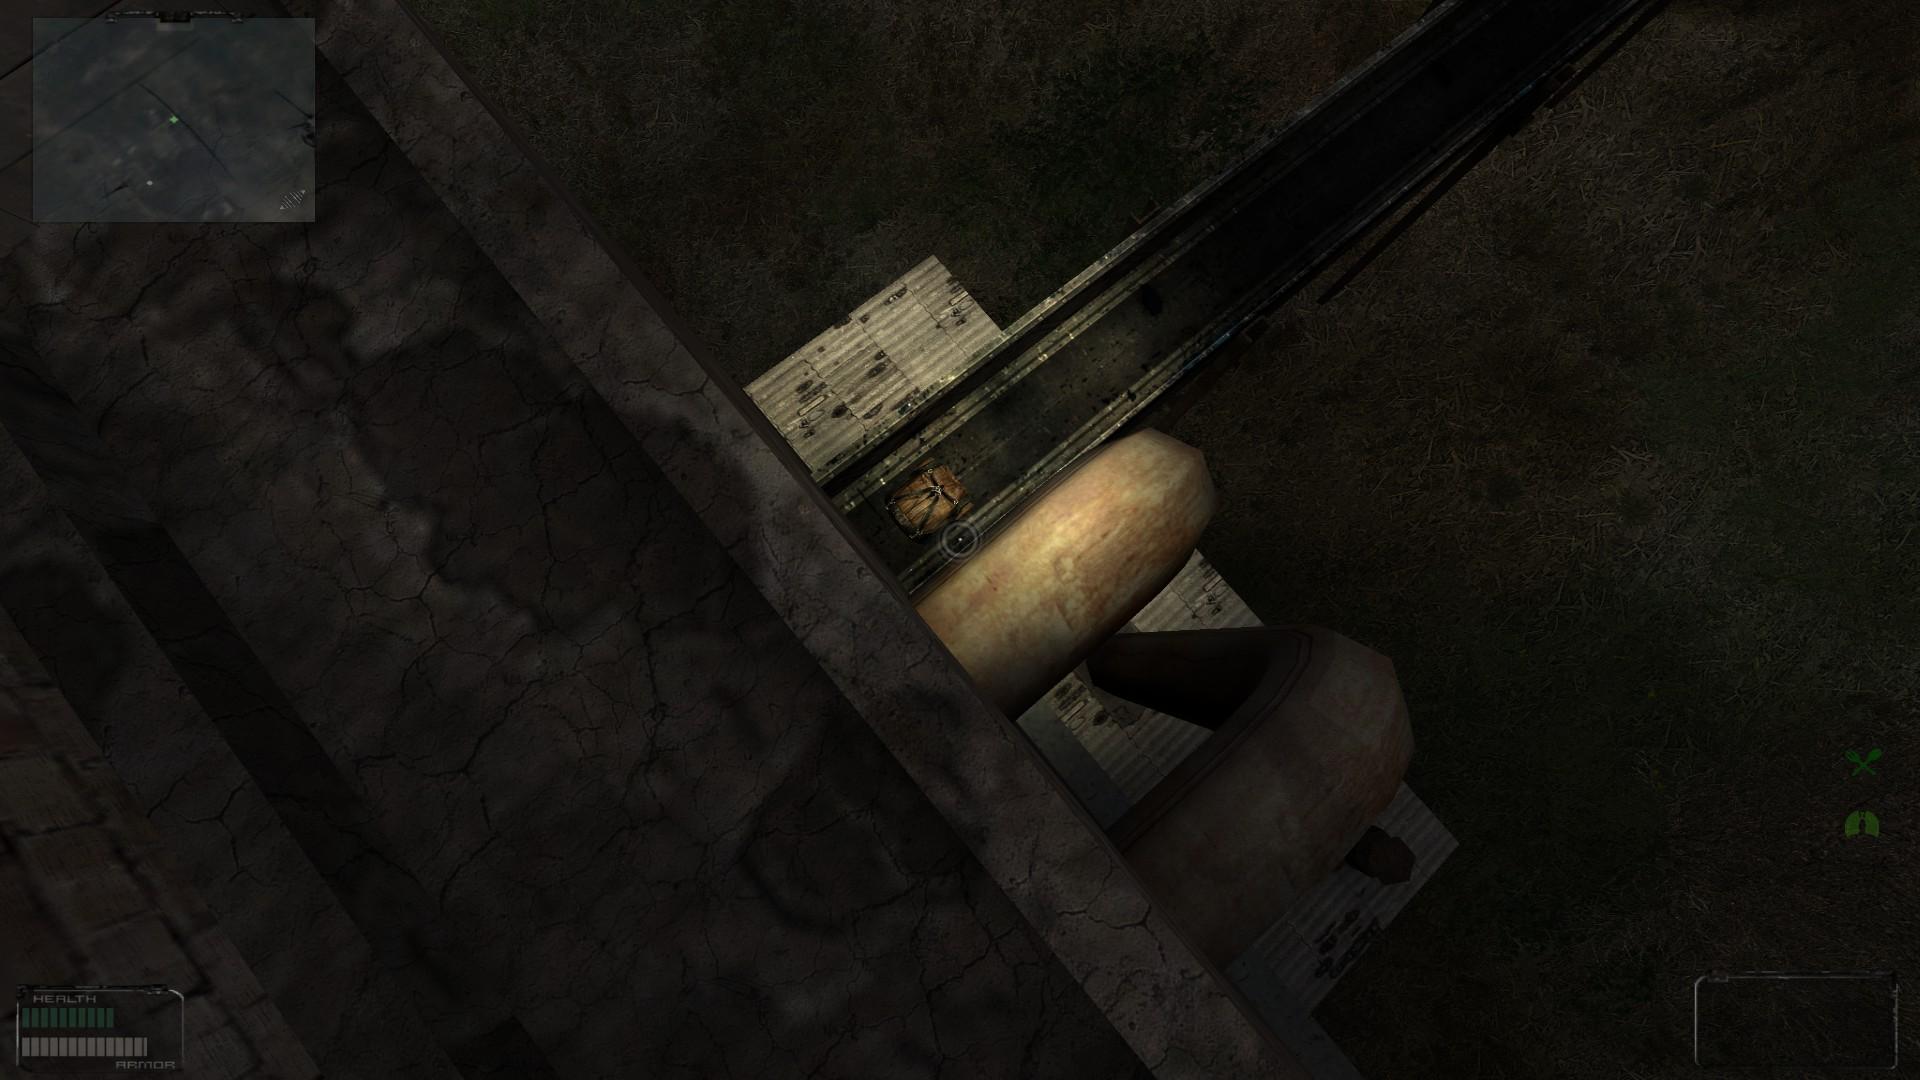 Oblivion Lost Remake 2.5 image 37